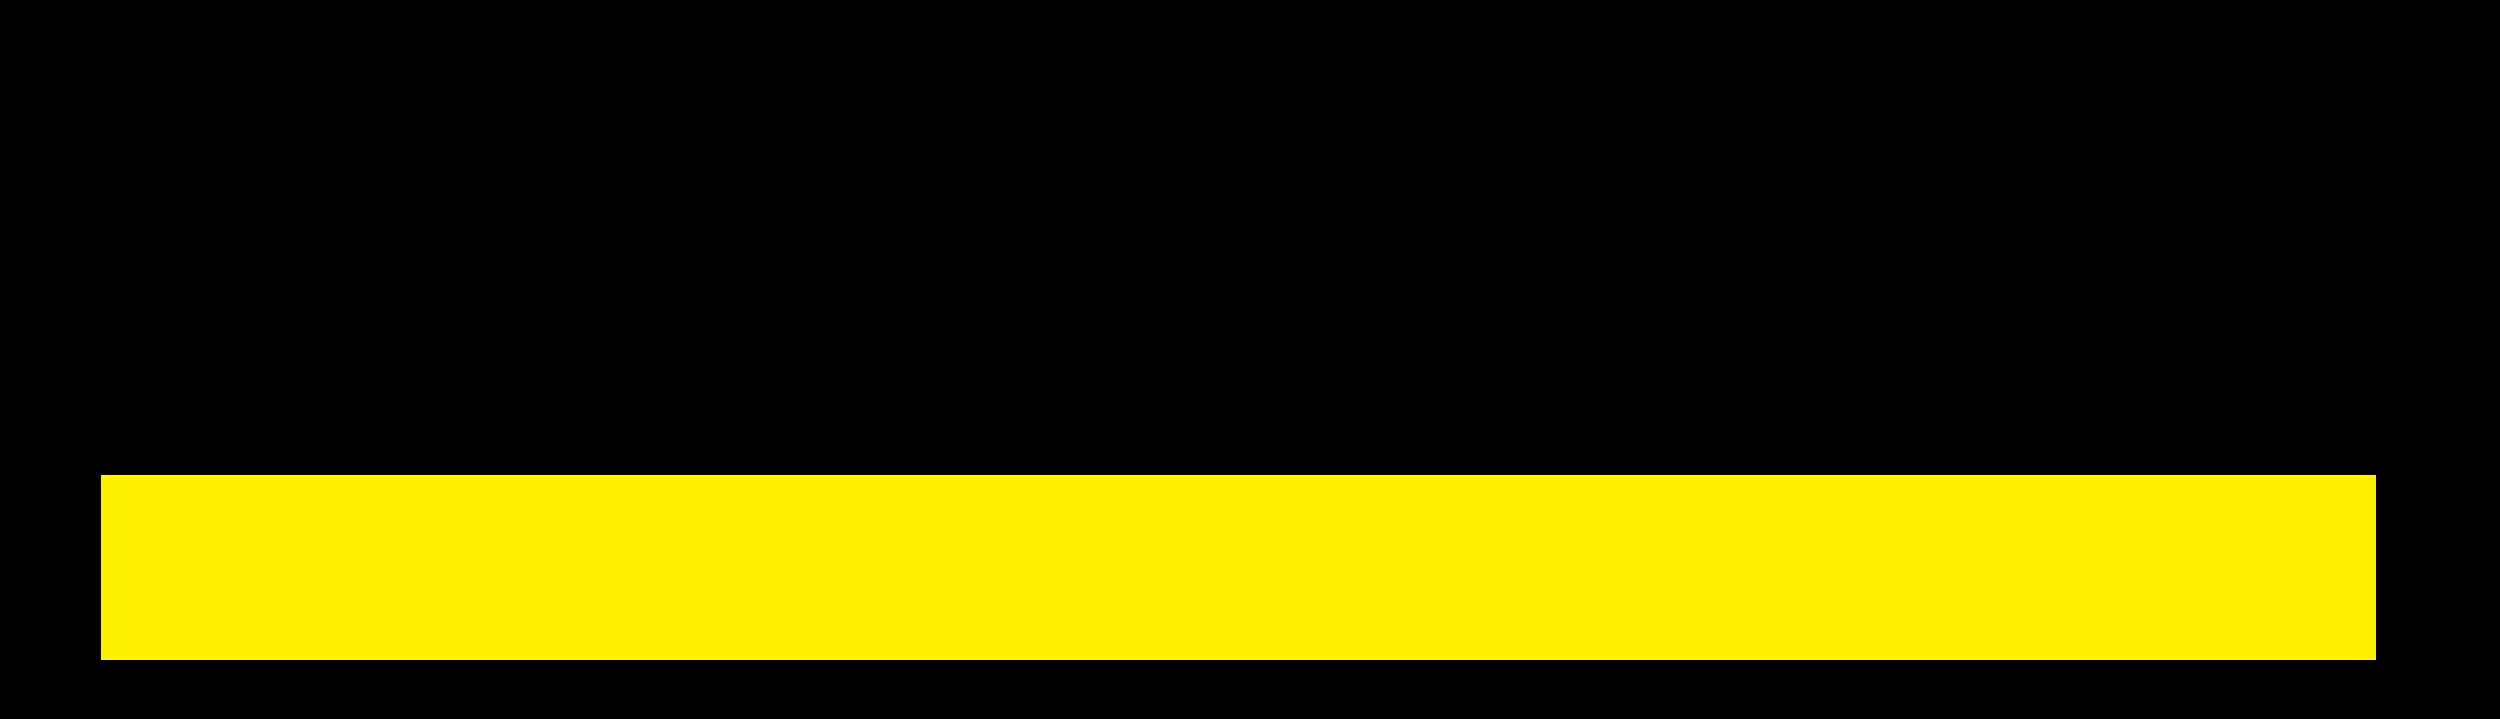 Pattern Digital Marketing Clients Karcher logo.png